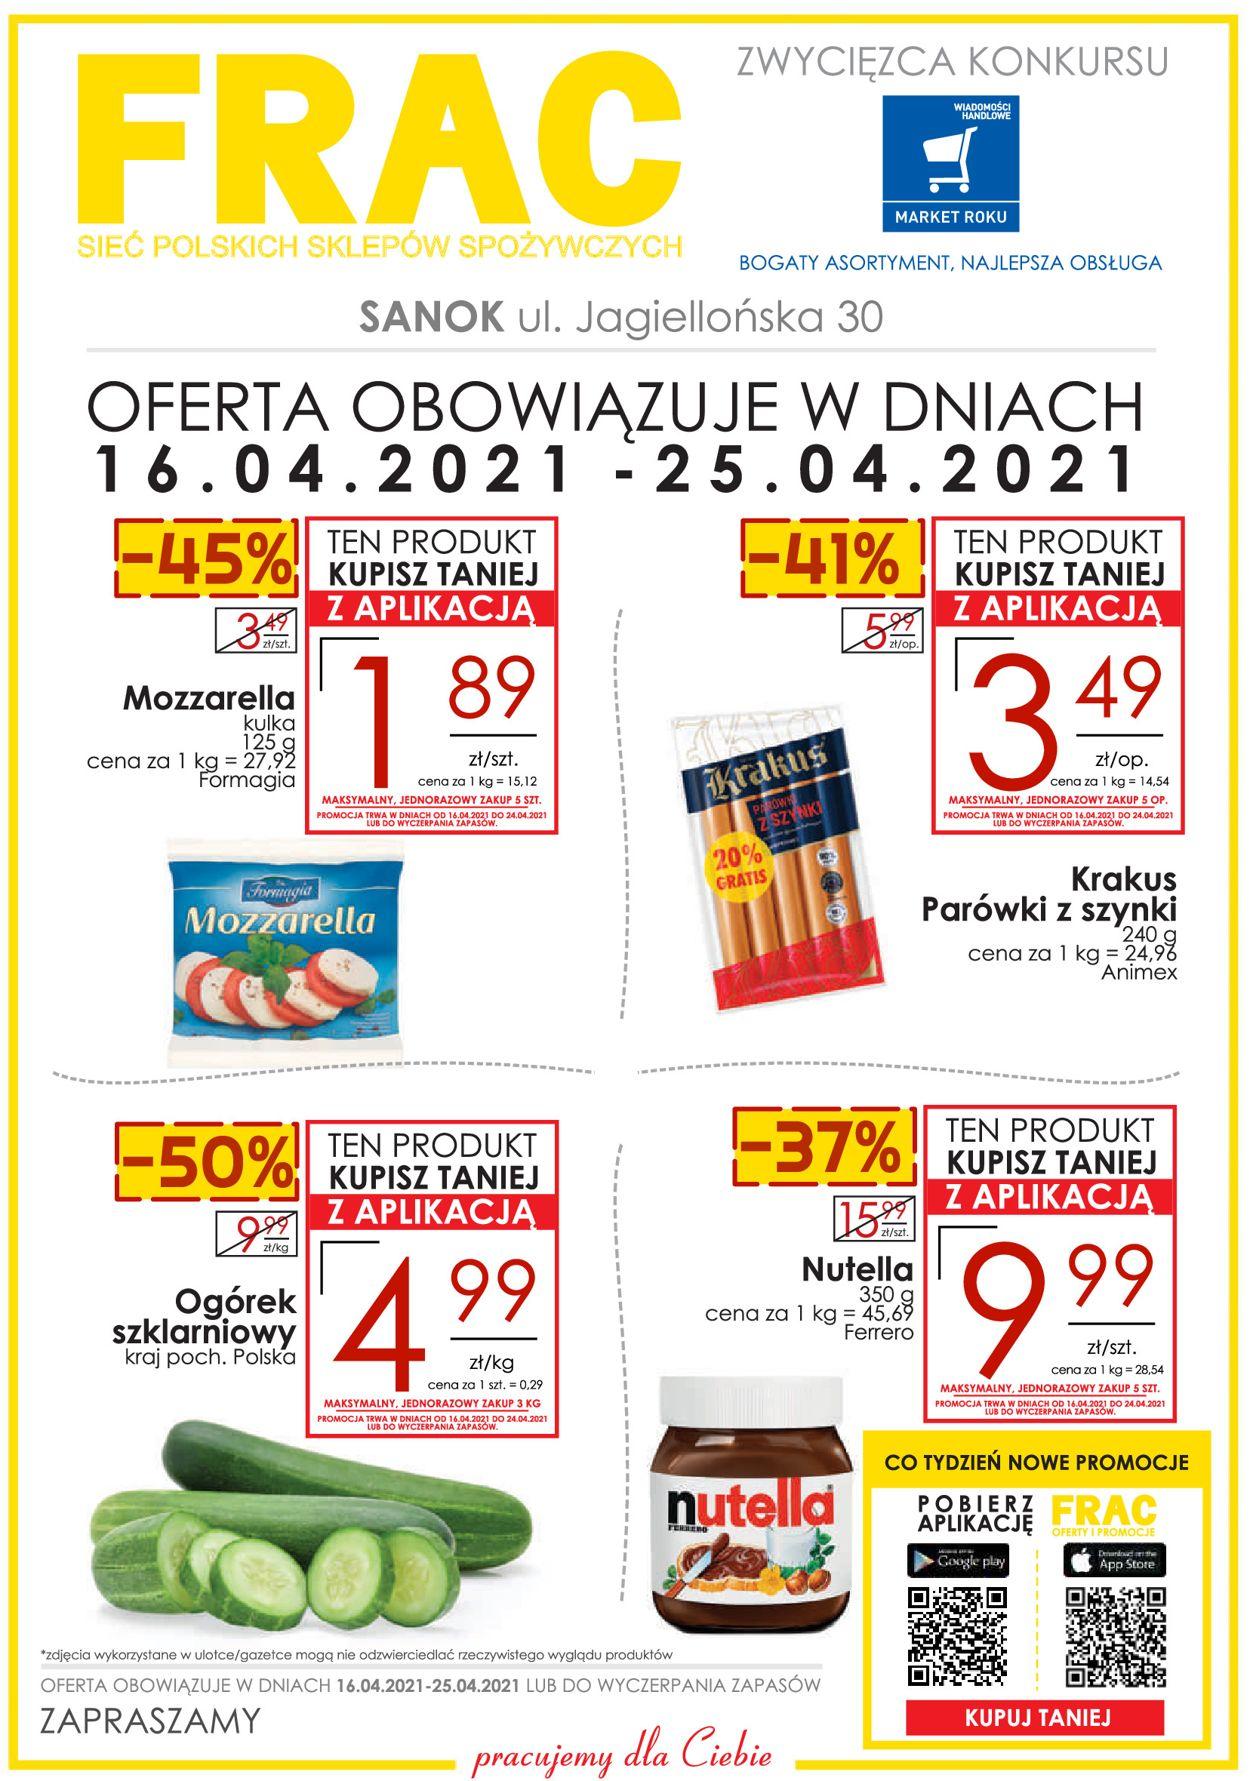 Gazetka promocyjna Frac - SANOK - 16.04-25.04.2021